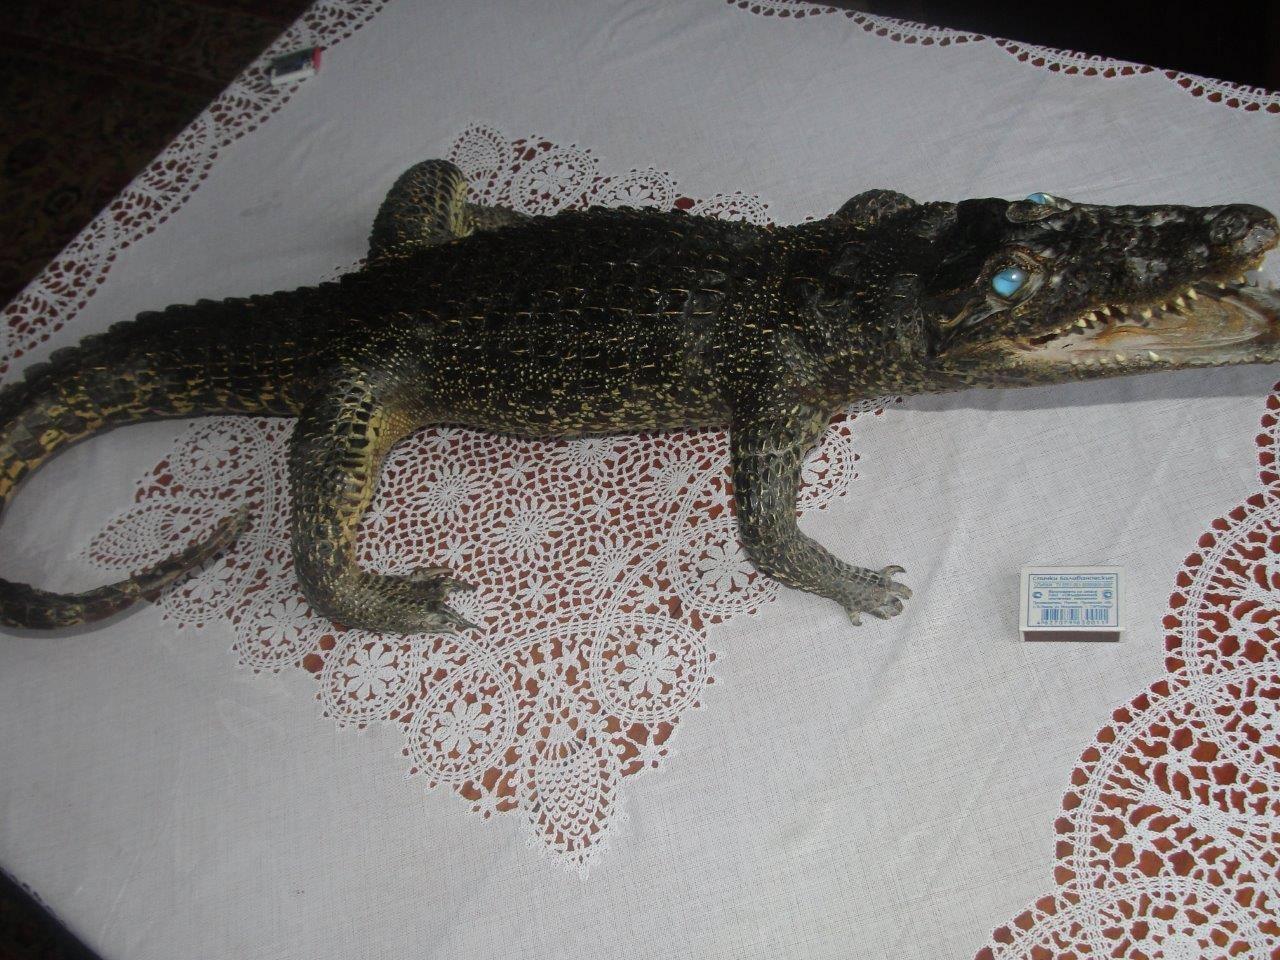 Крокодил, метровый, 1 ракурс